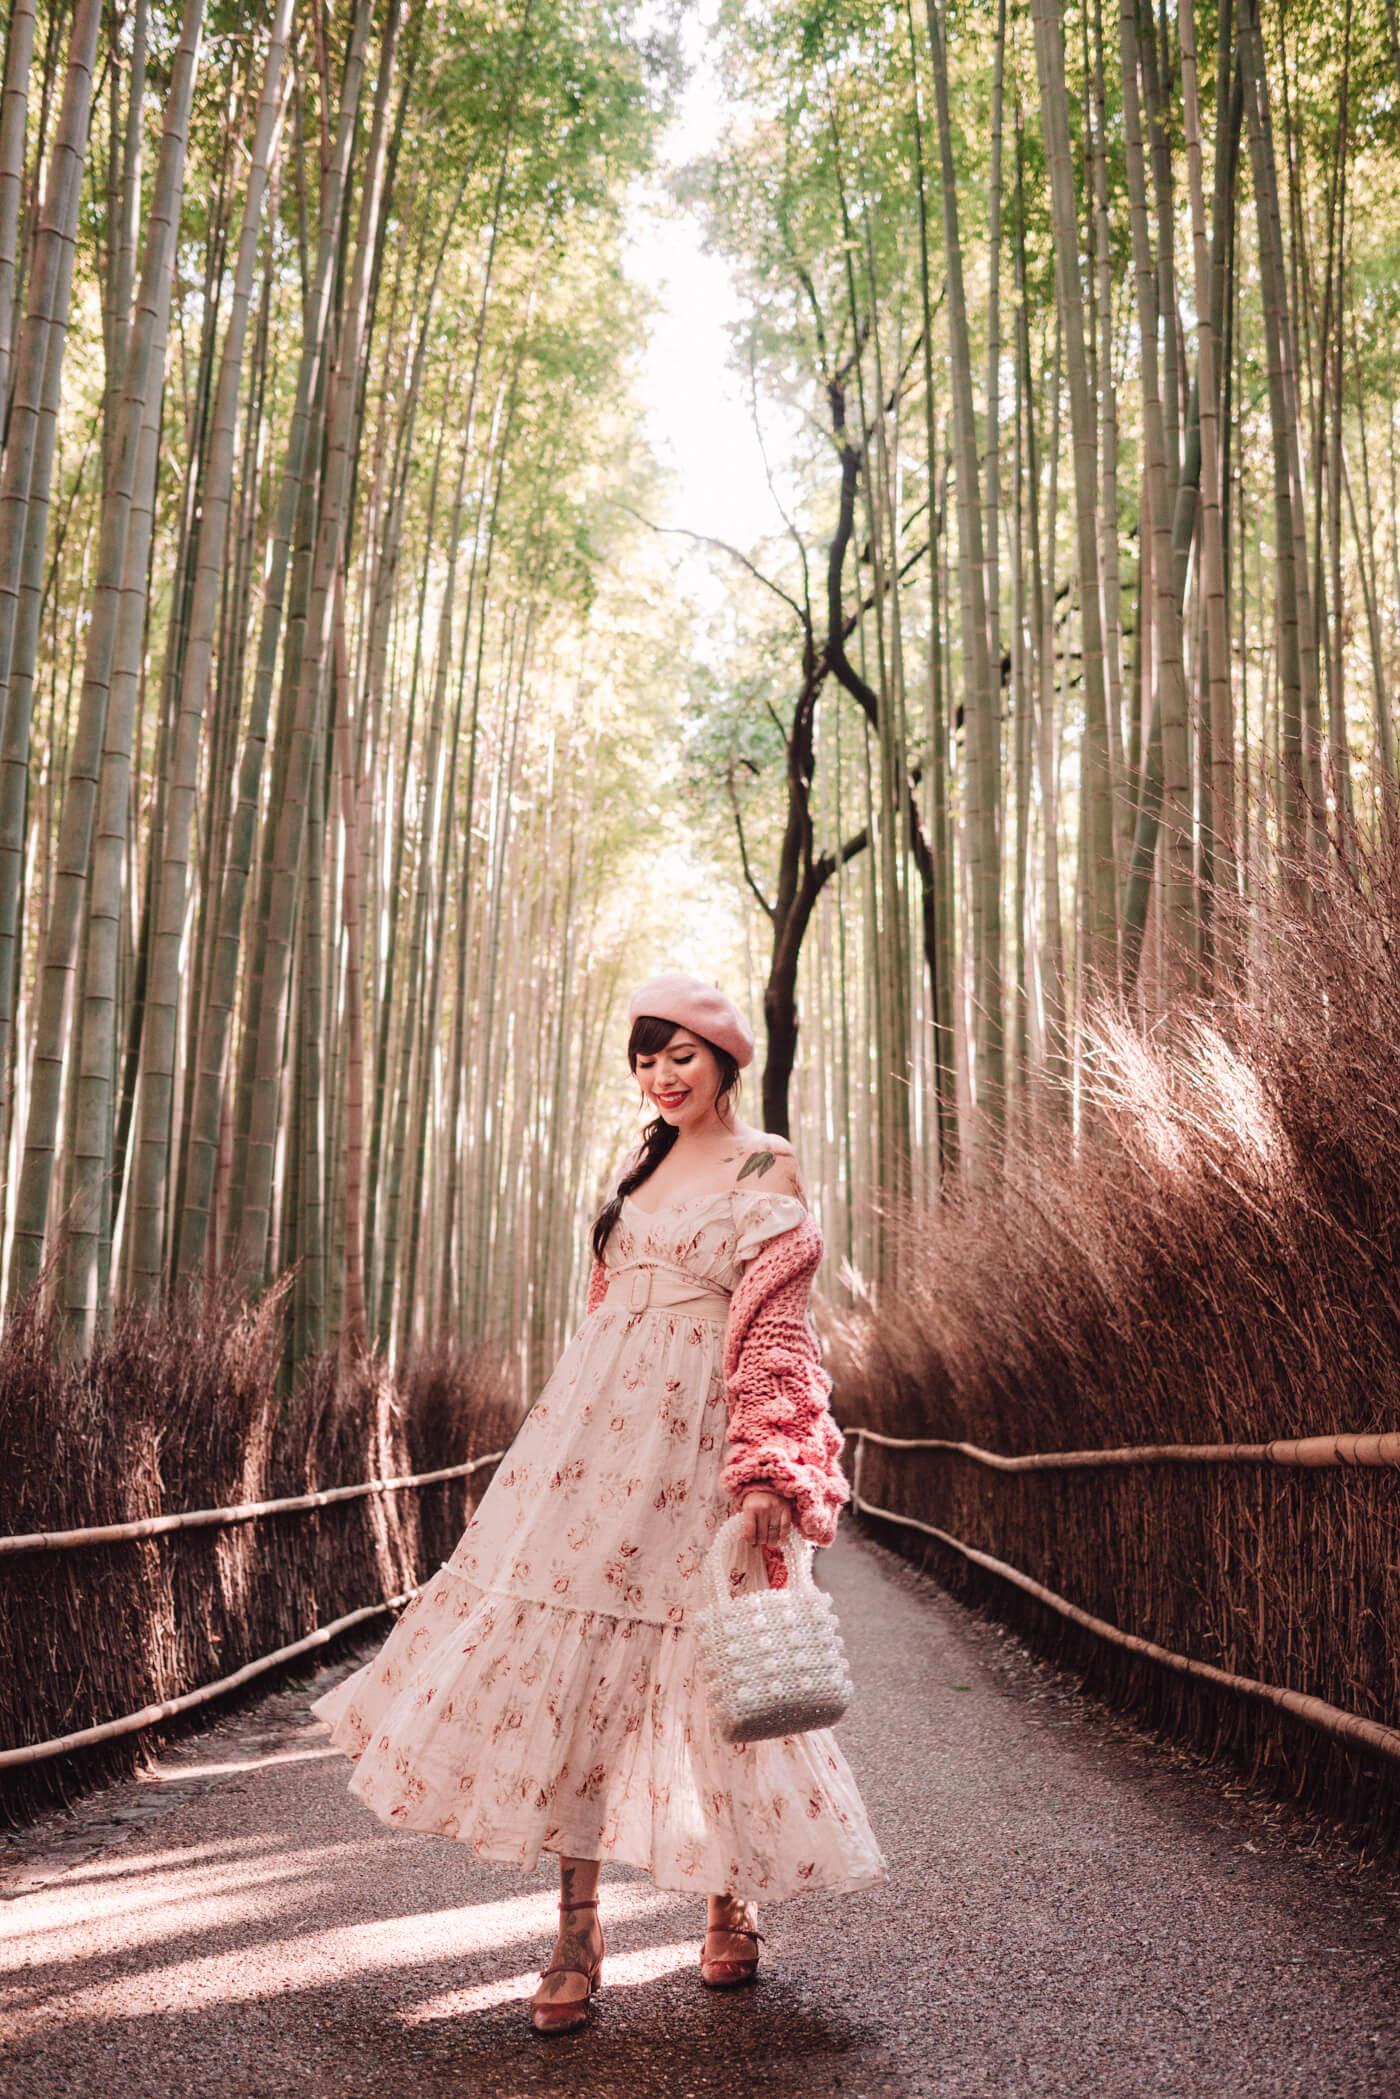 Keiko Lynn in Arashiyama Bamboo Forest, Kyoto, Japan